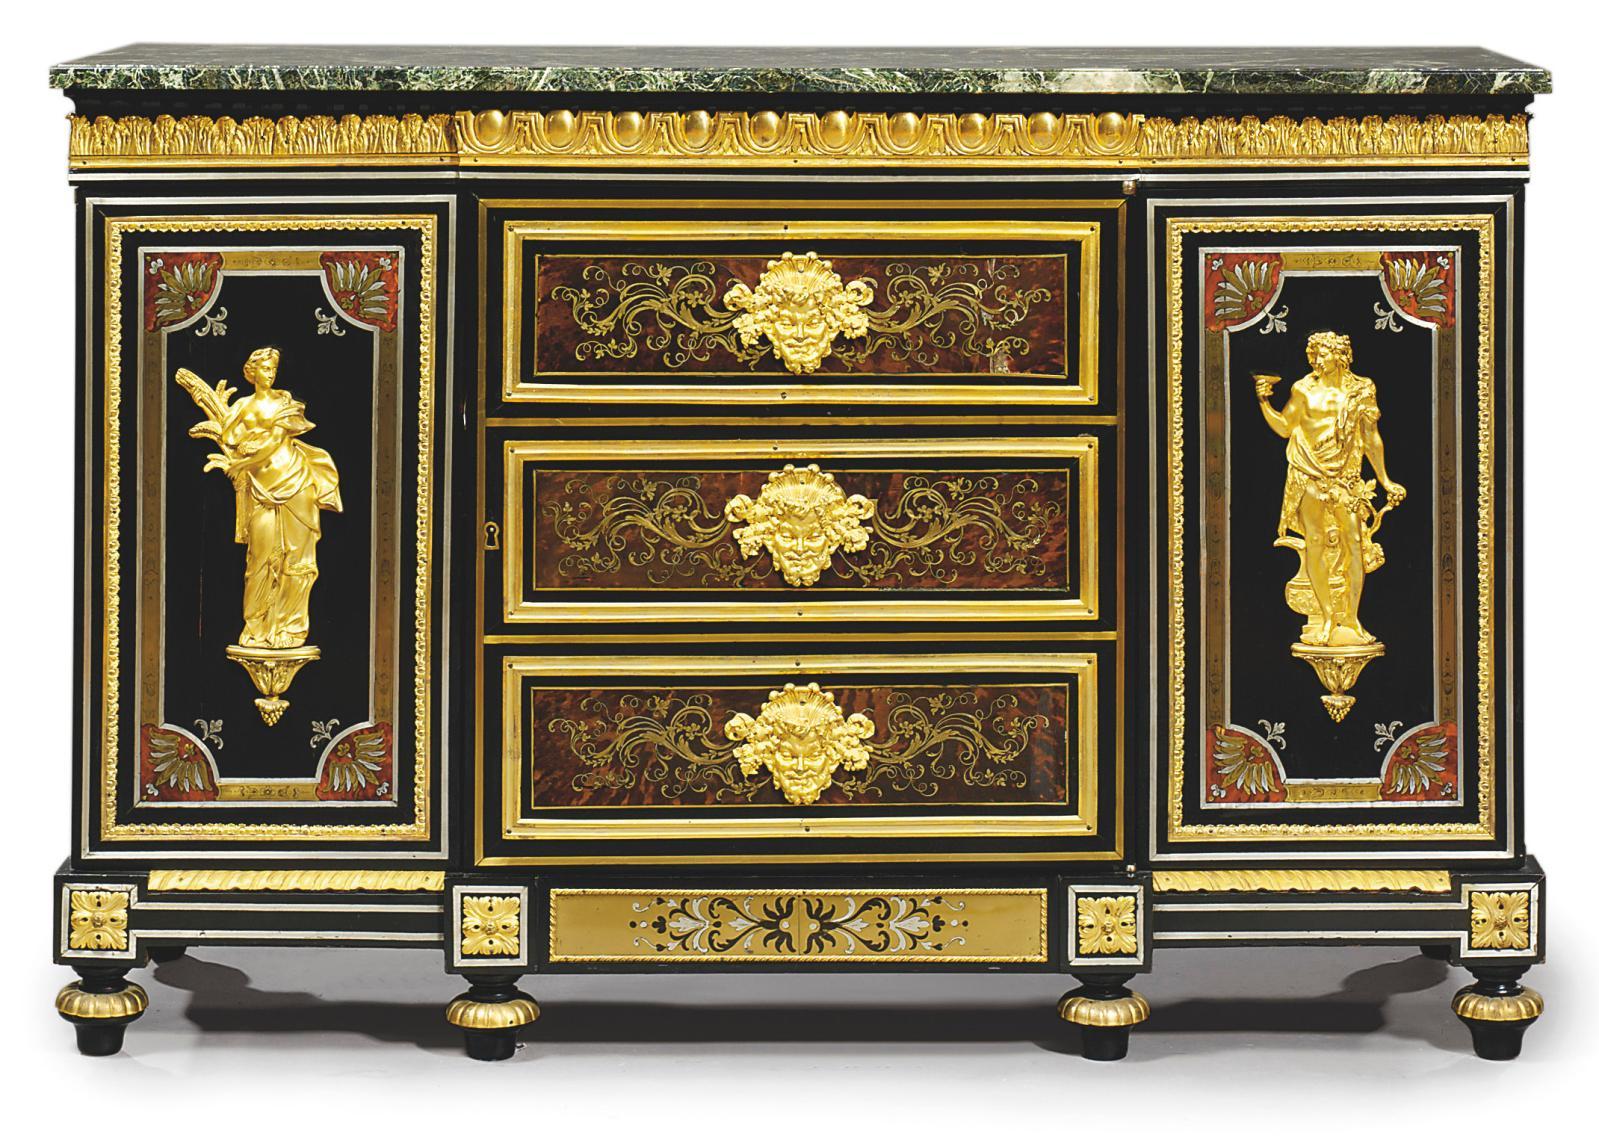 Bas d'armoire (d'une paire) vers 1780-1800, commandé par Julliot, ébénisterie attribuée à Weisweiler reprenant des éléments de Boulle, ébène, bronze d